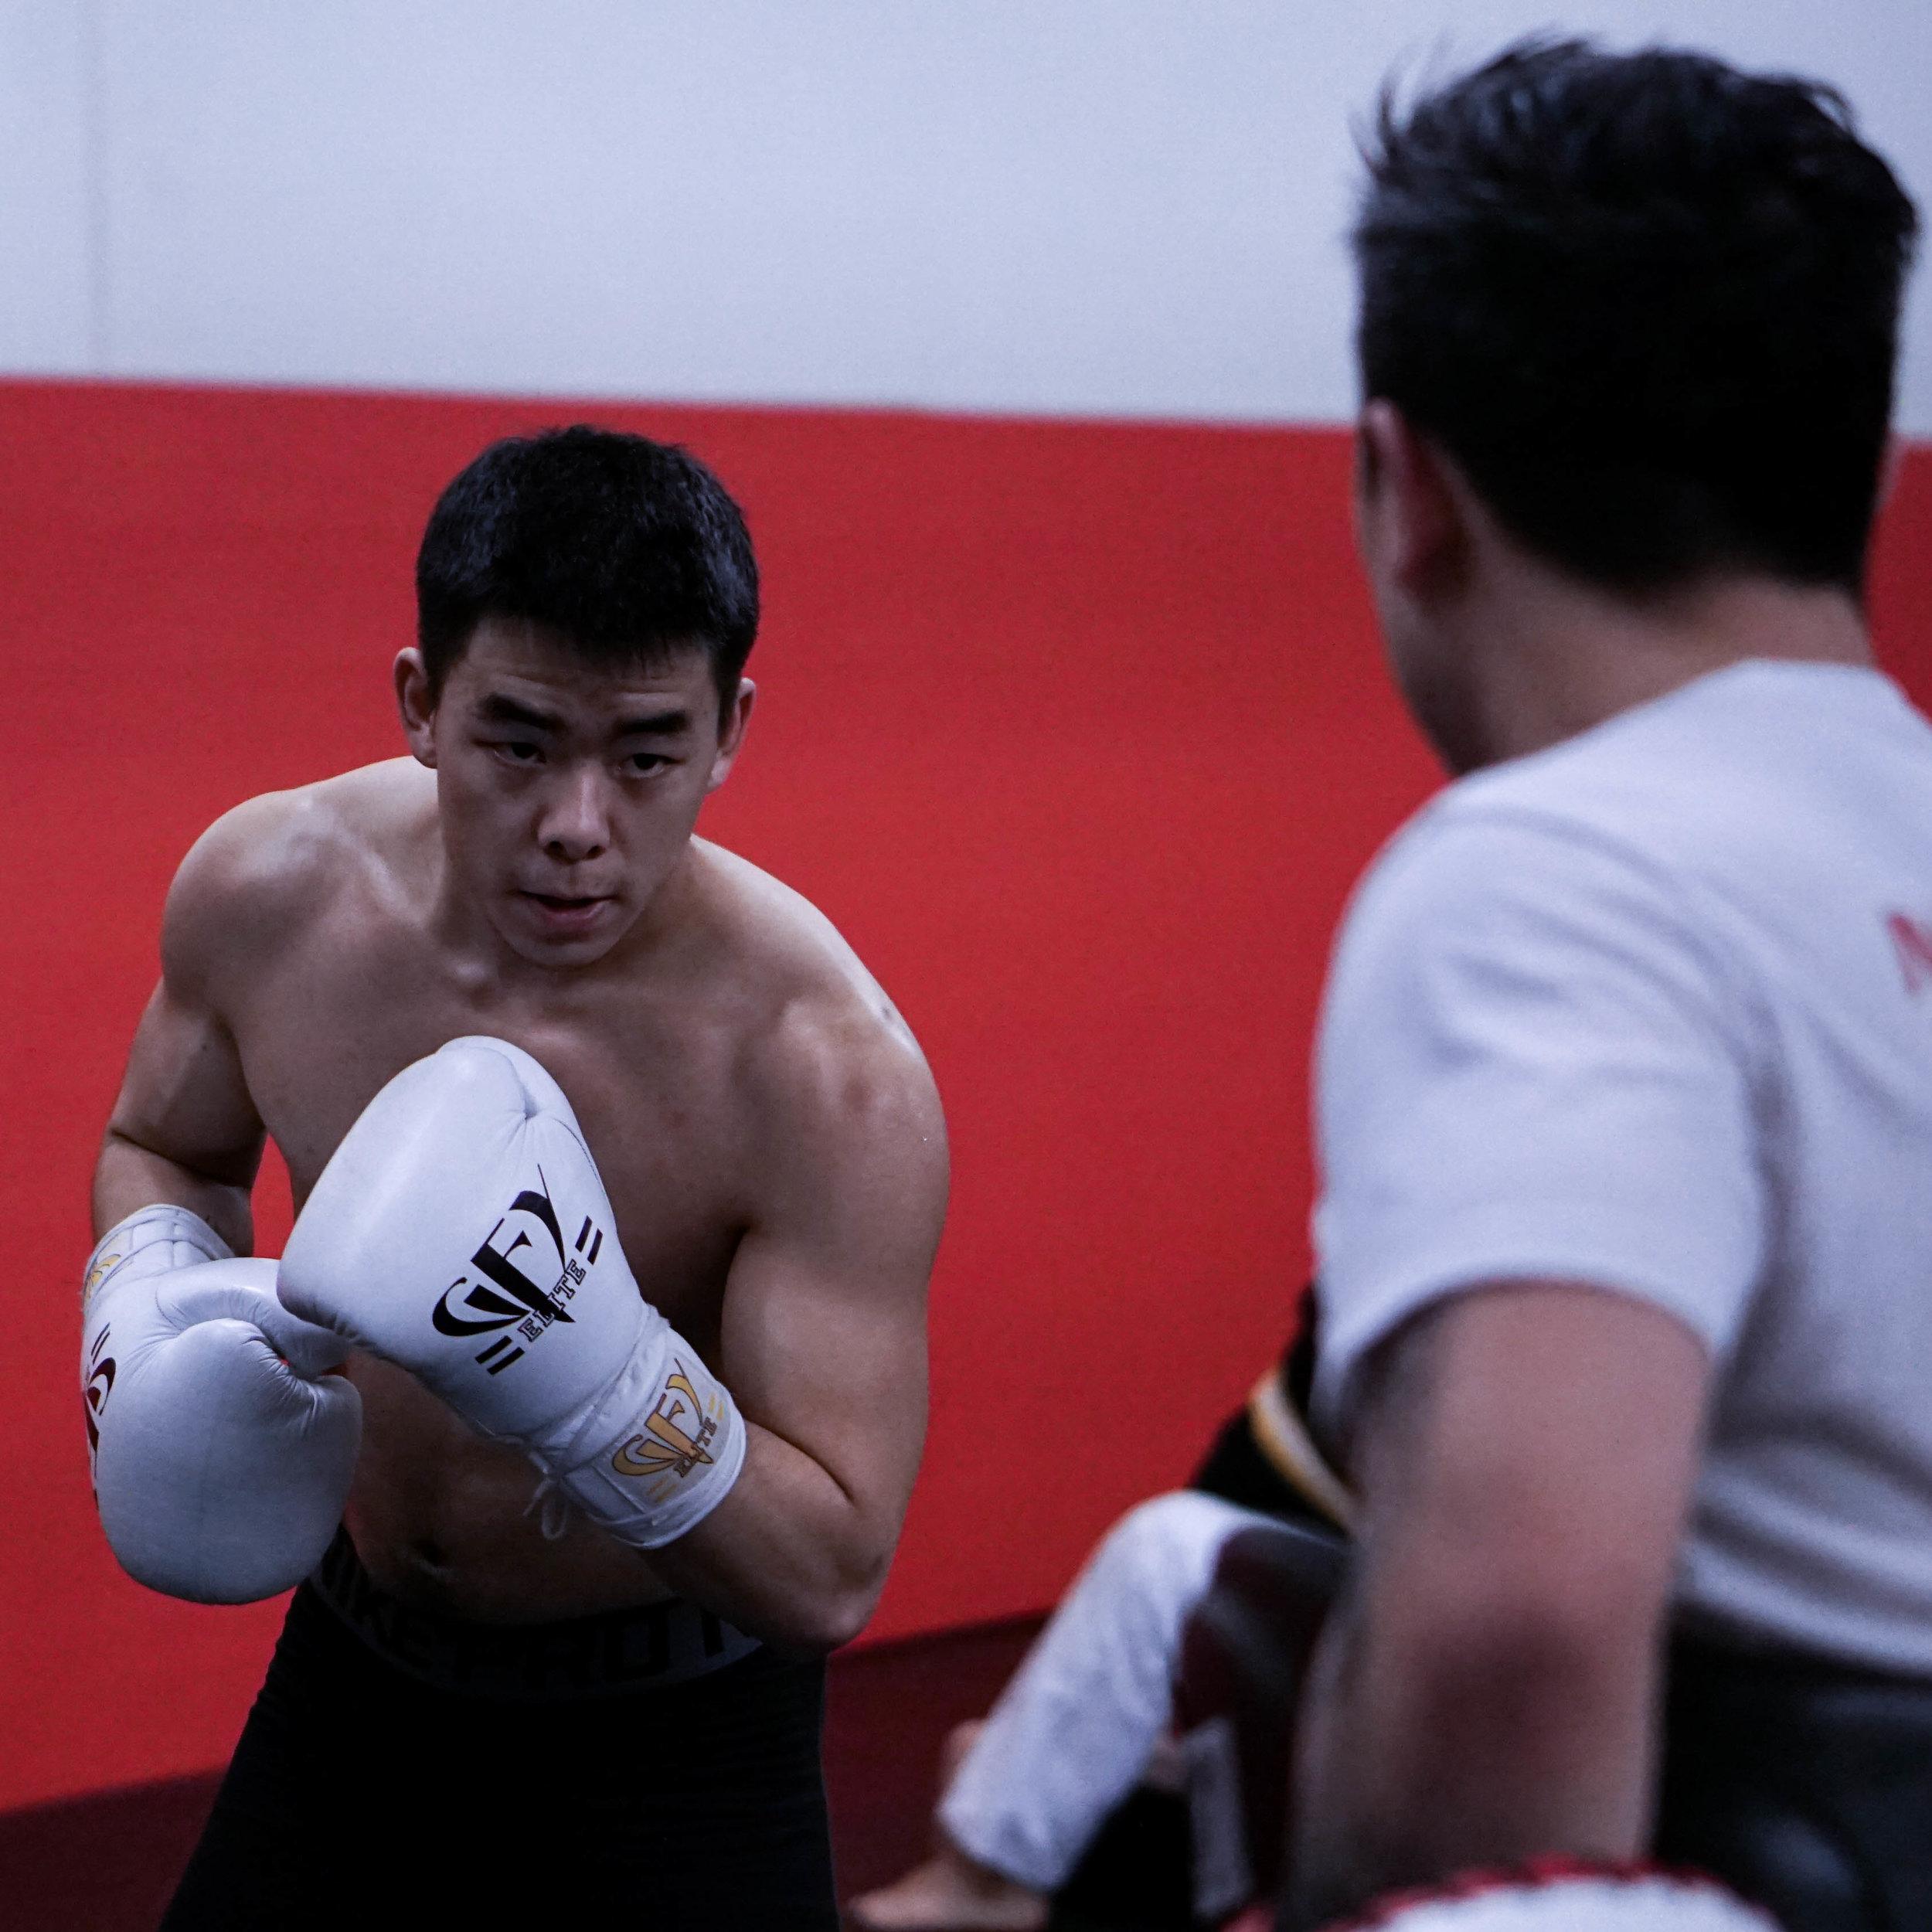 """Khai """"The Shadow"""" Wu  Instagram: @khai_the shadow_ wu  Professional Bellator Fighter"""